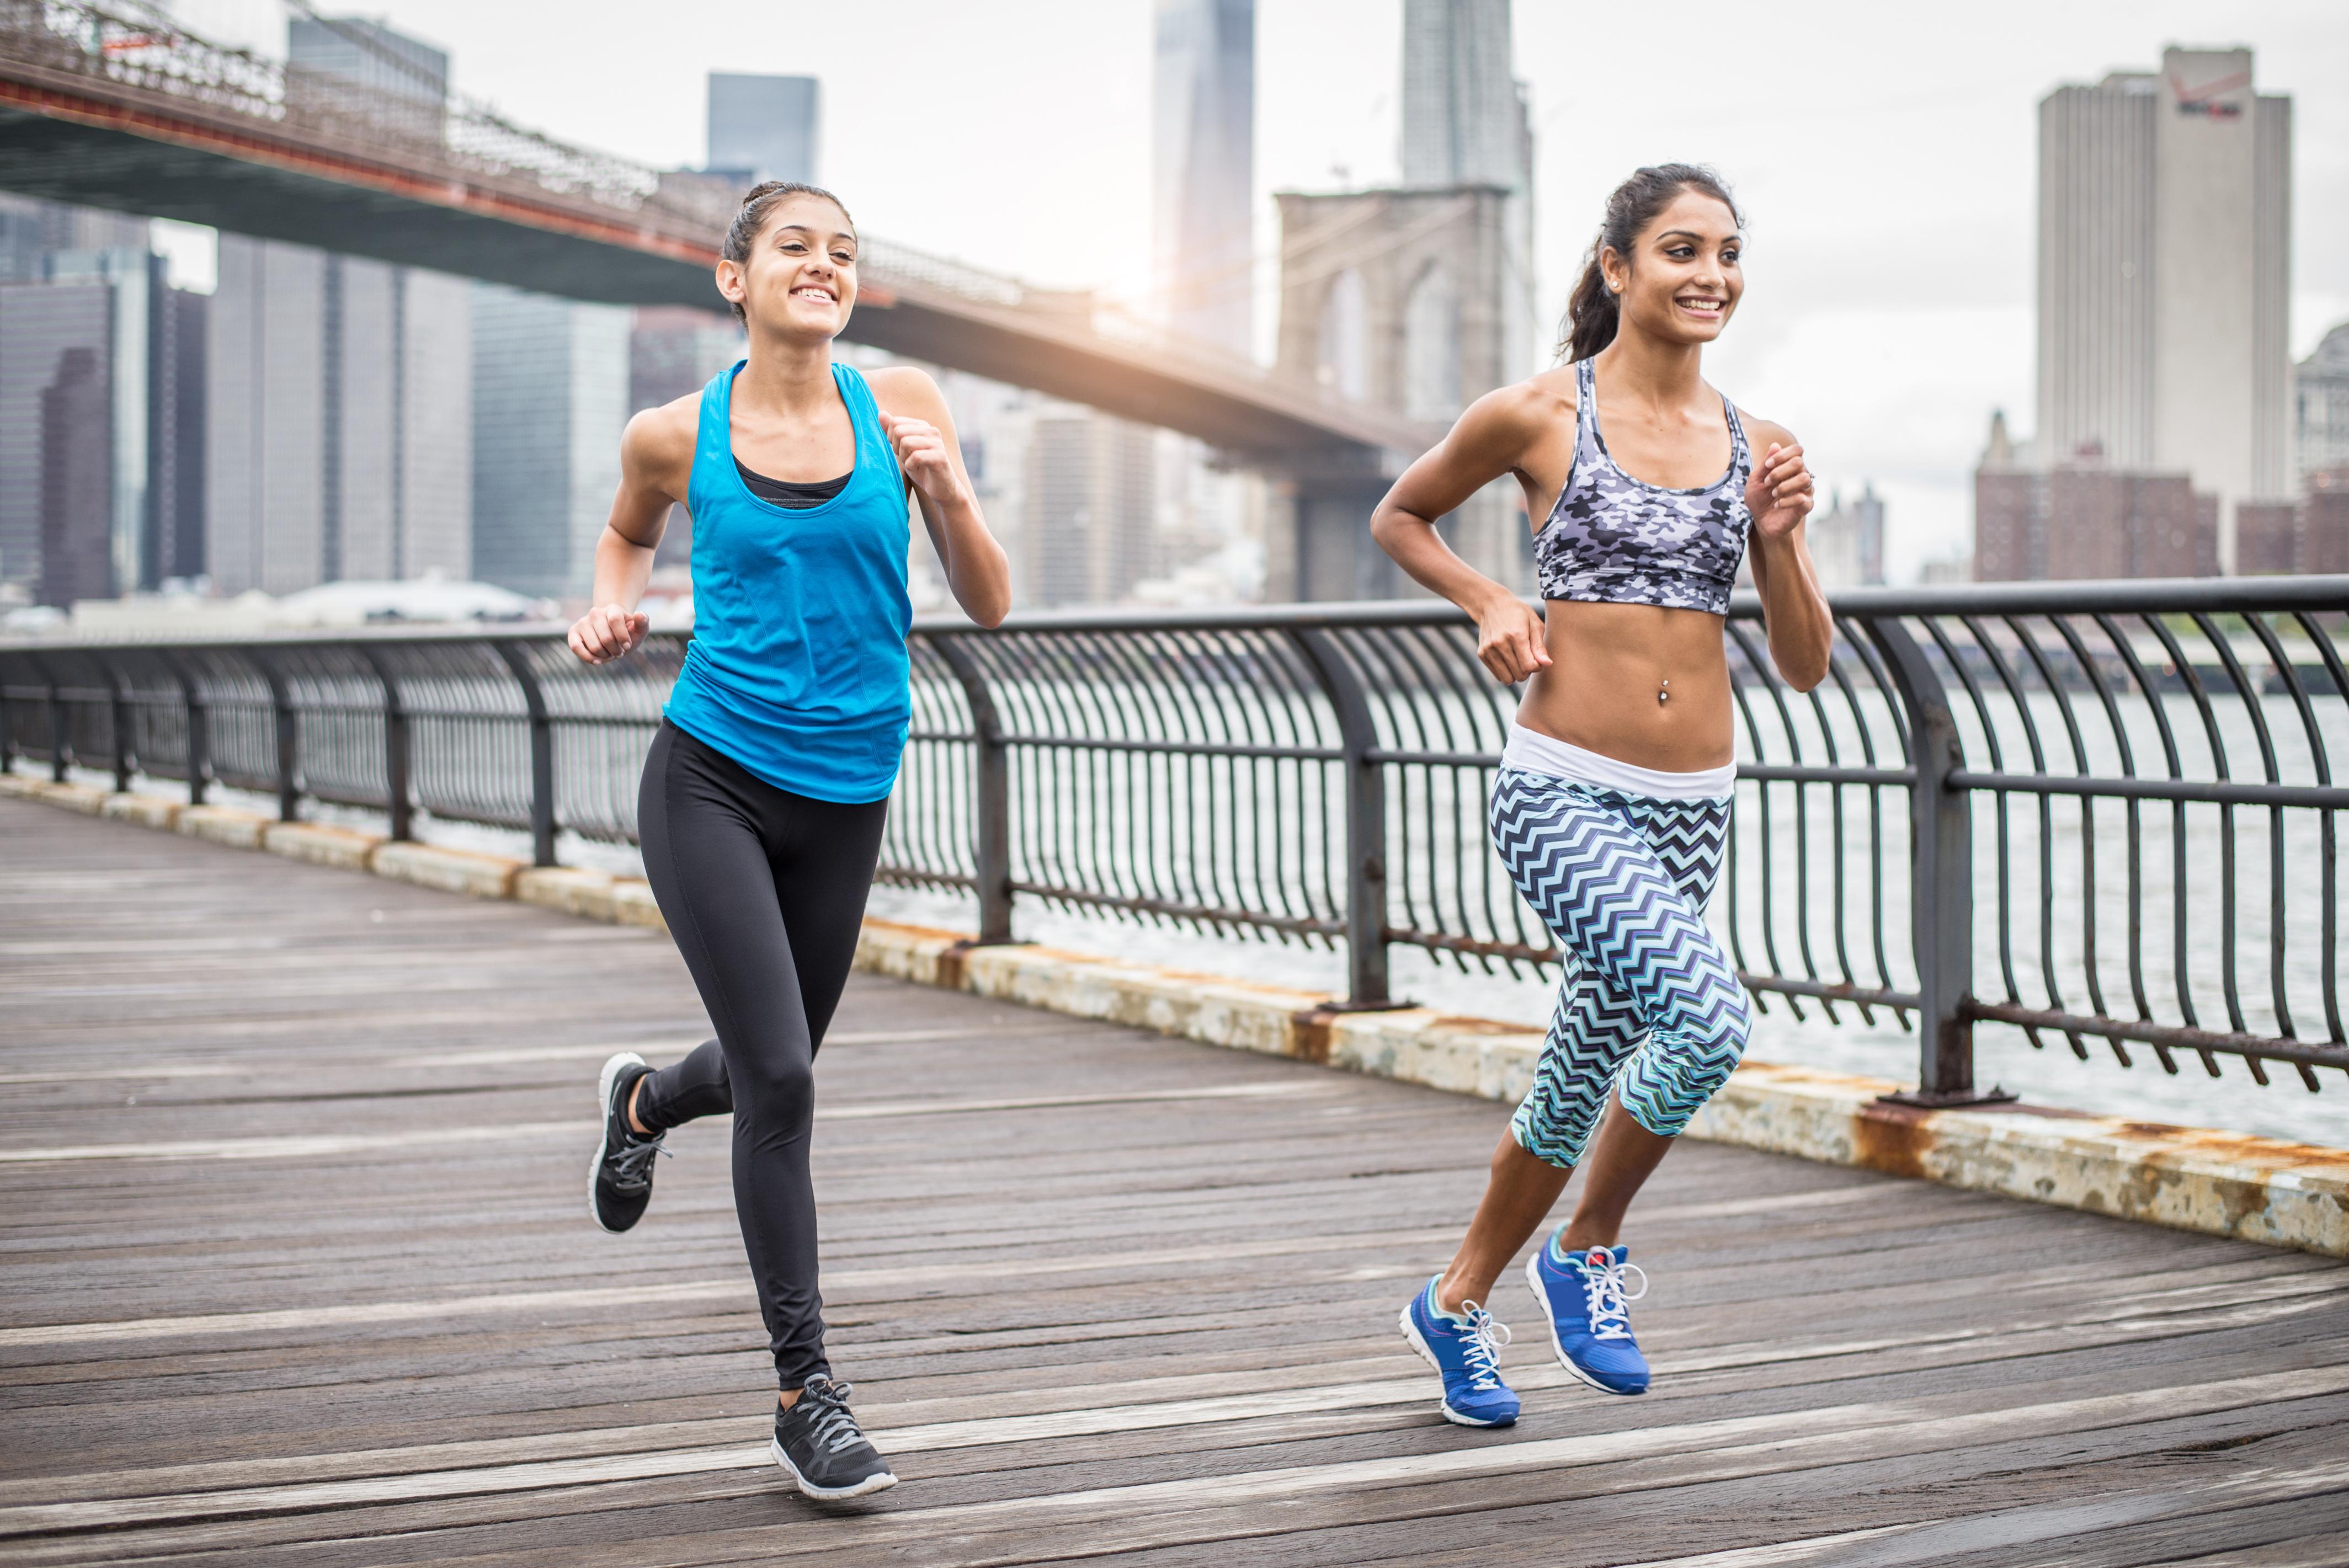 cosa cè di meglio per perdere peso correre o camminare